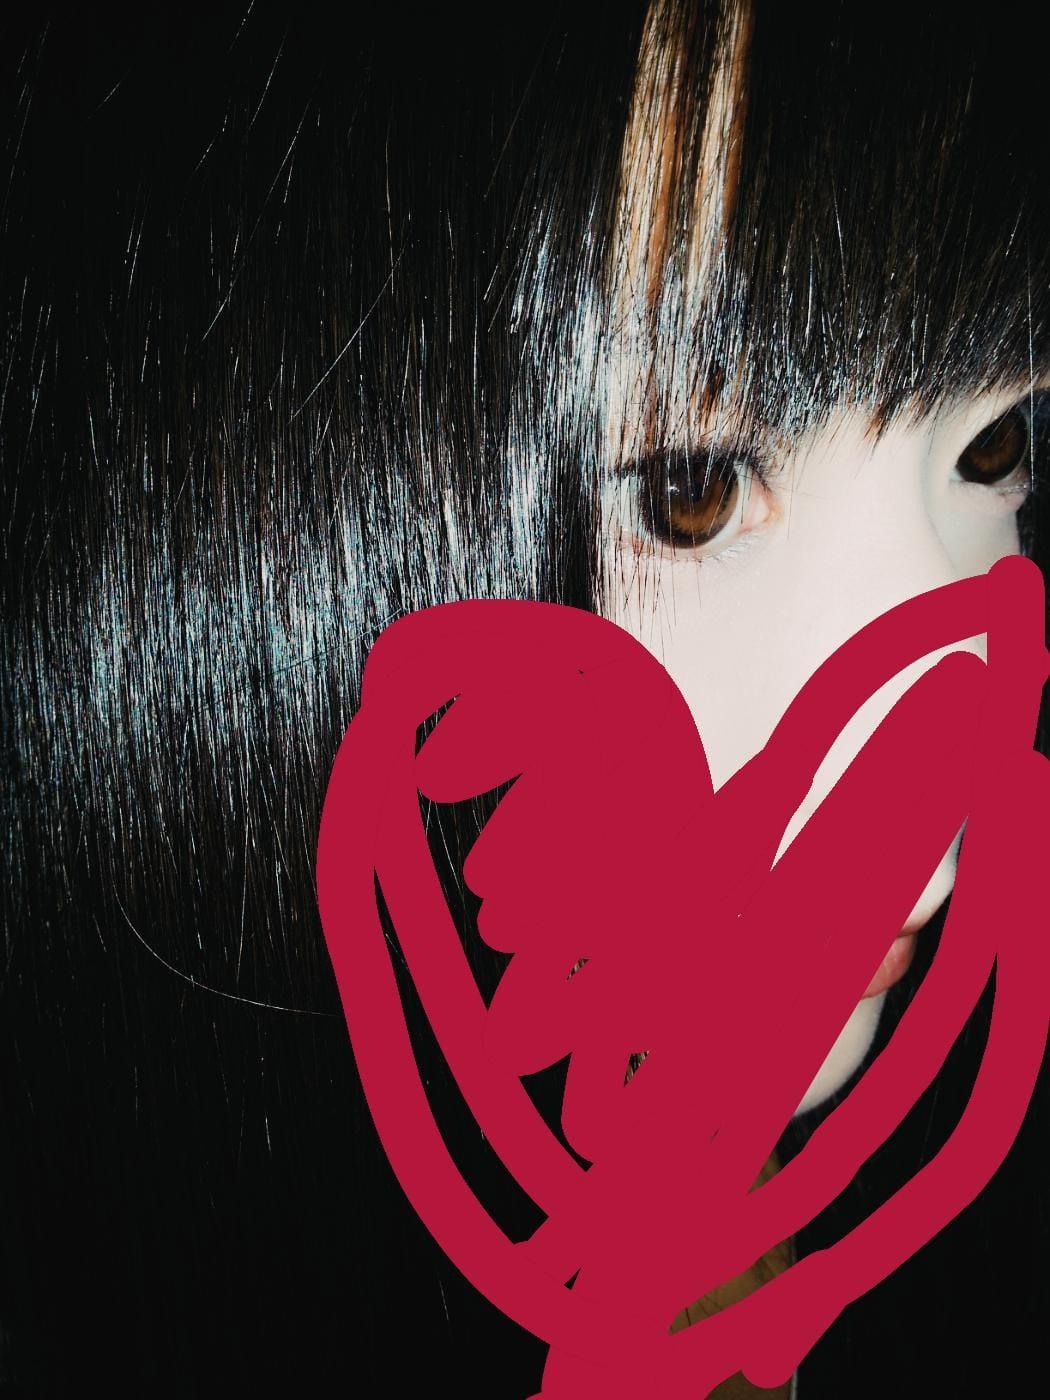 ララ「こんにちは!」12/09(日) 12:30 | ララの写メ・風俗動画